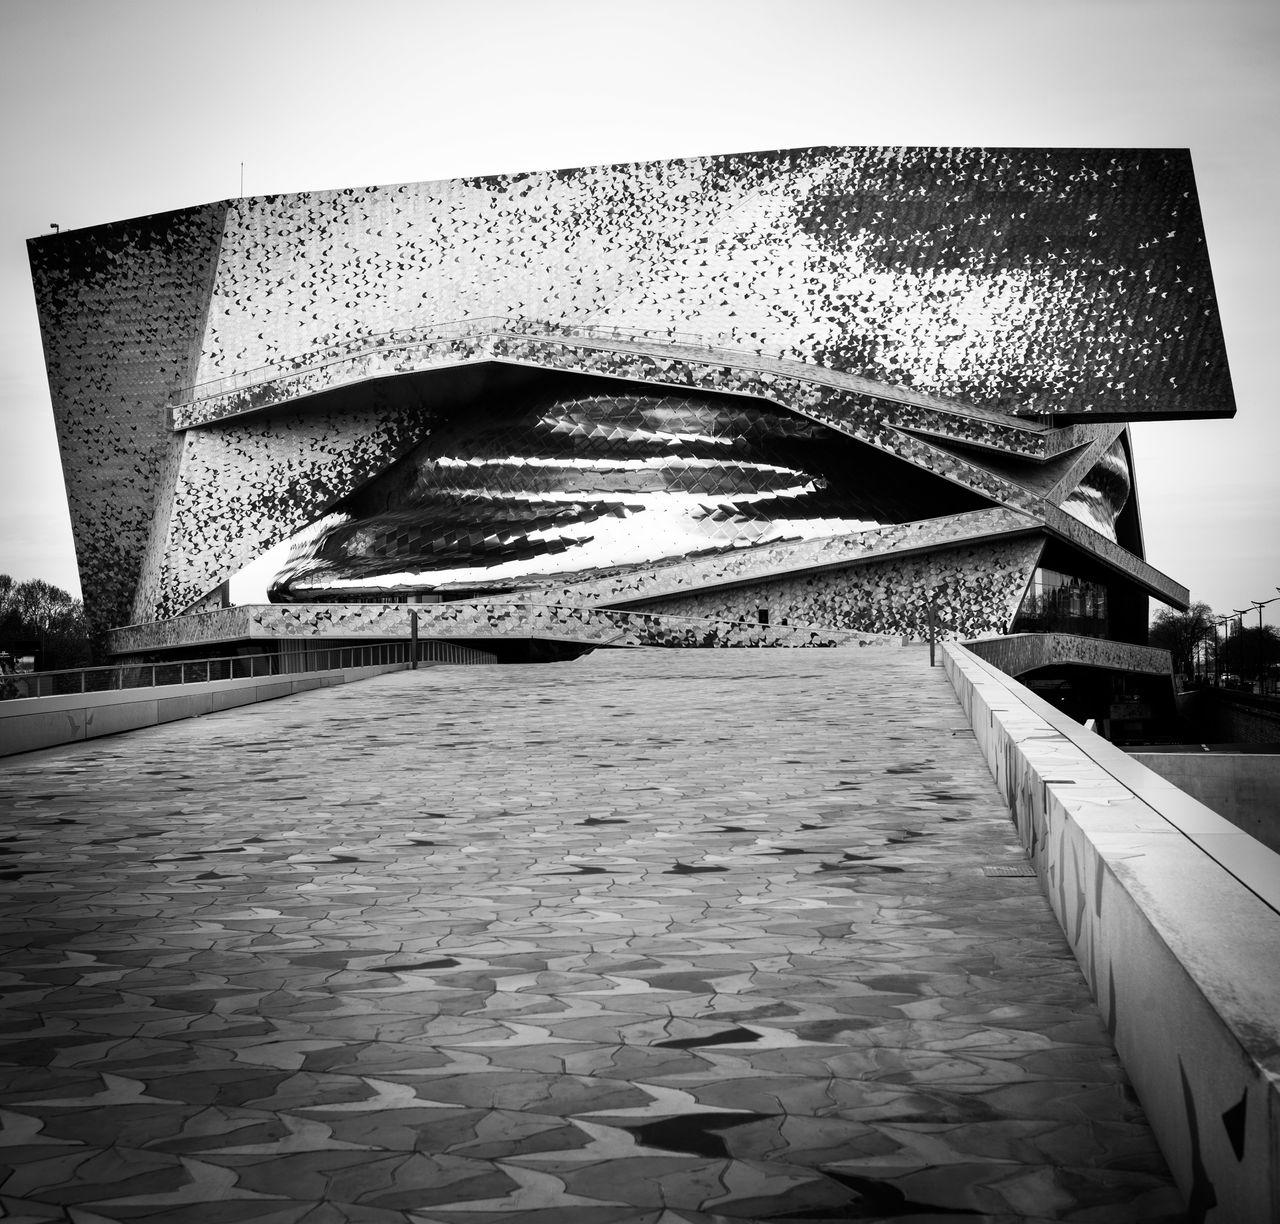 Jean Nouvel Architecture Architecture Art Black And White Blackandwhite Photography Cite De La Musique Day Leica M240 Music Outdoors Paris Philharmonie De Paris